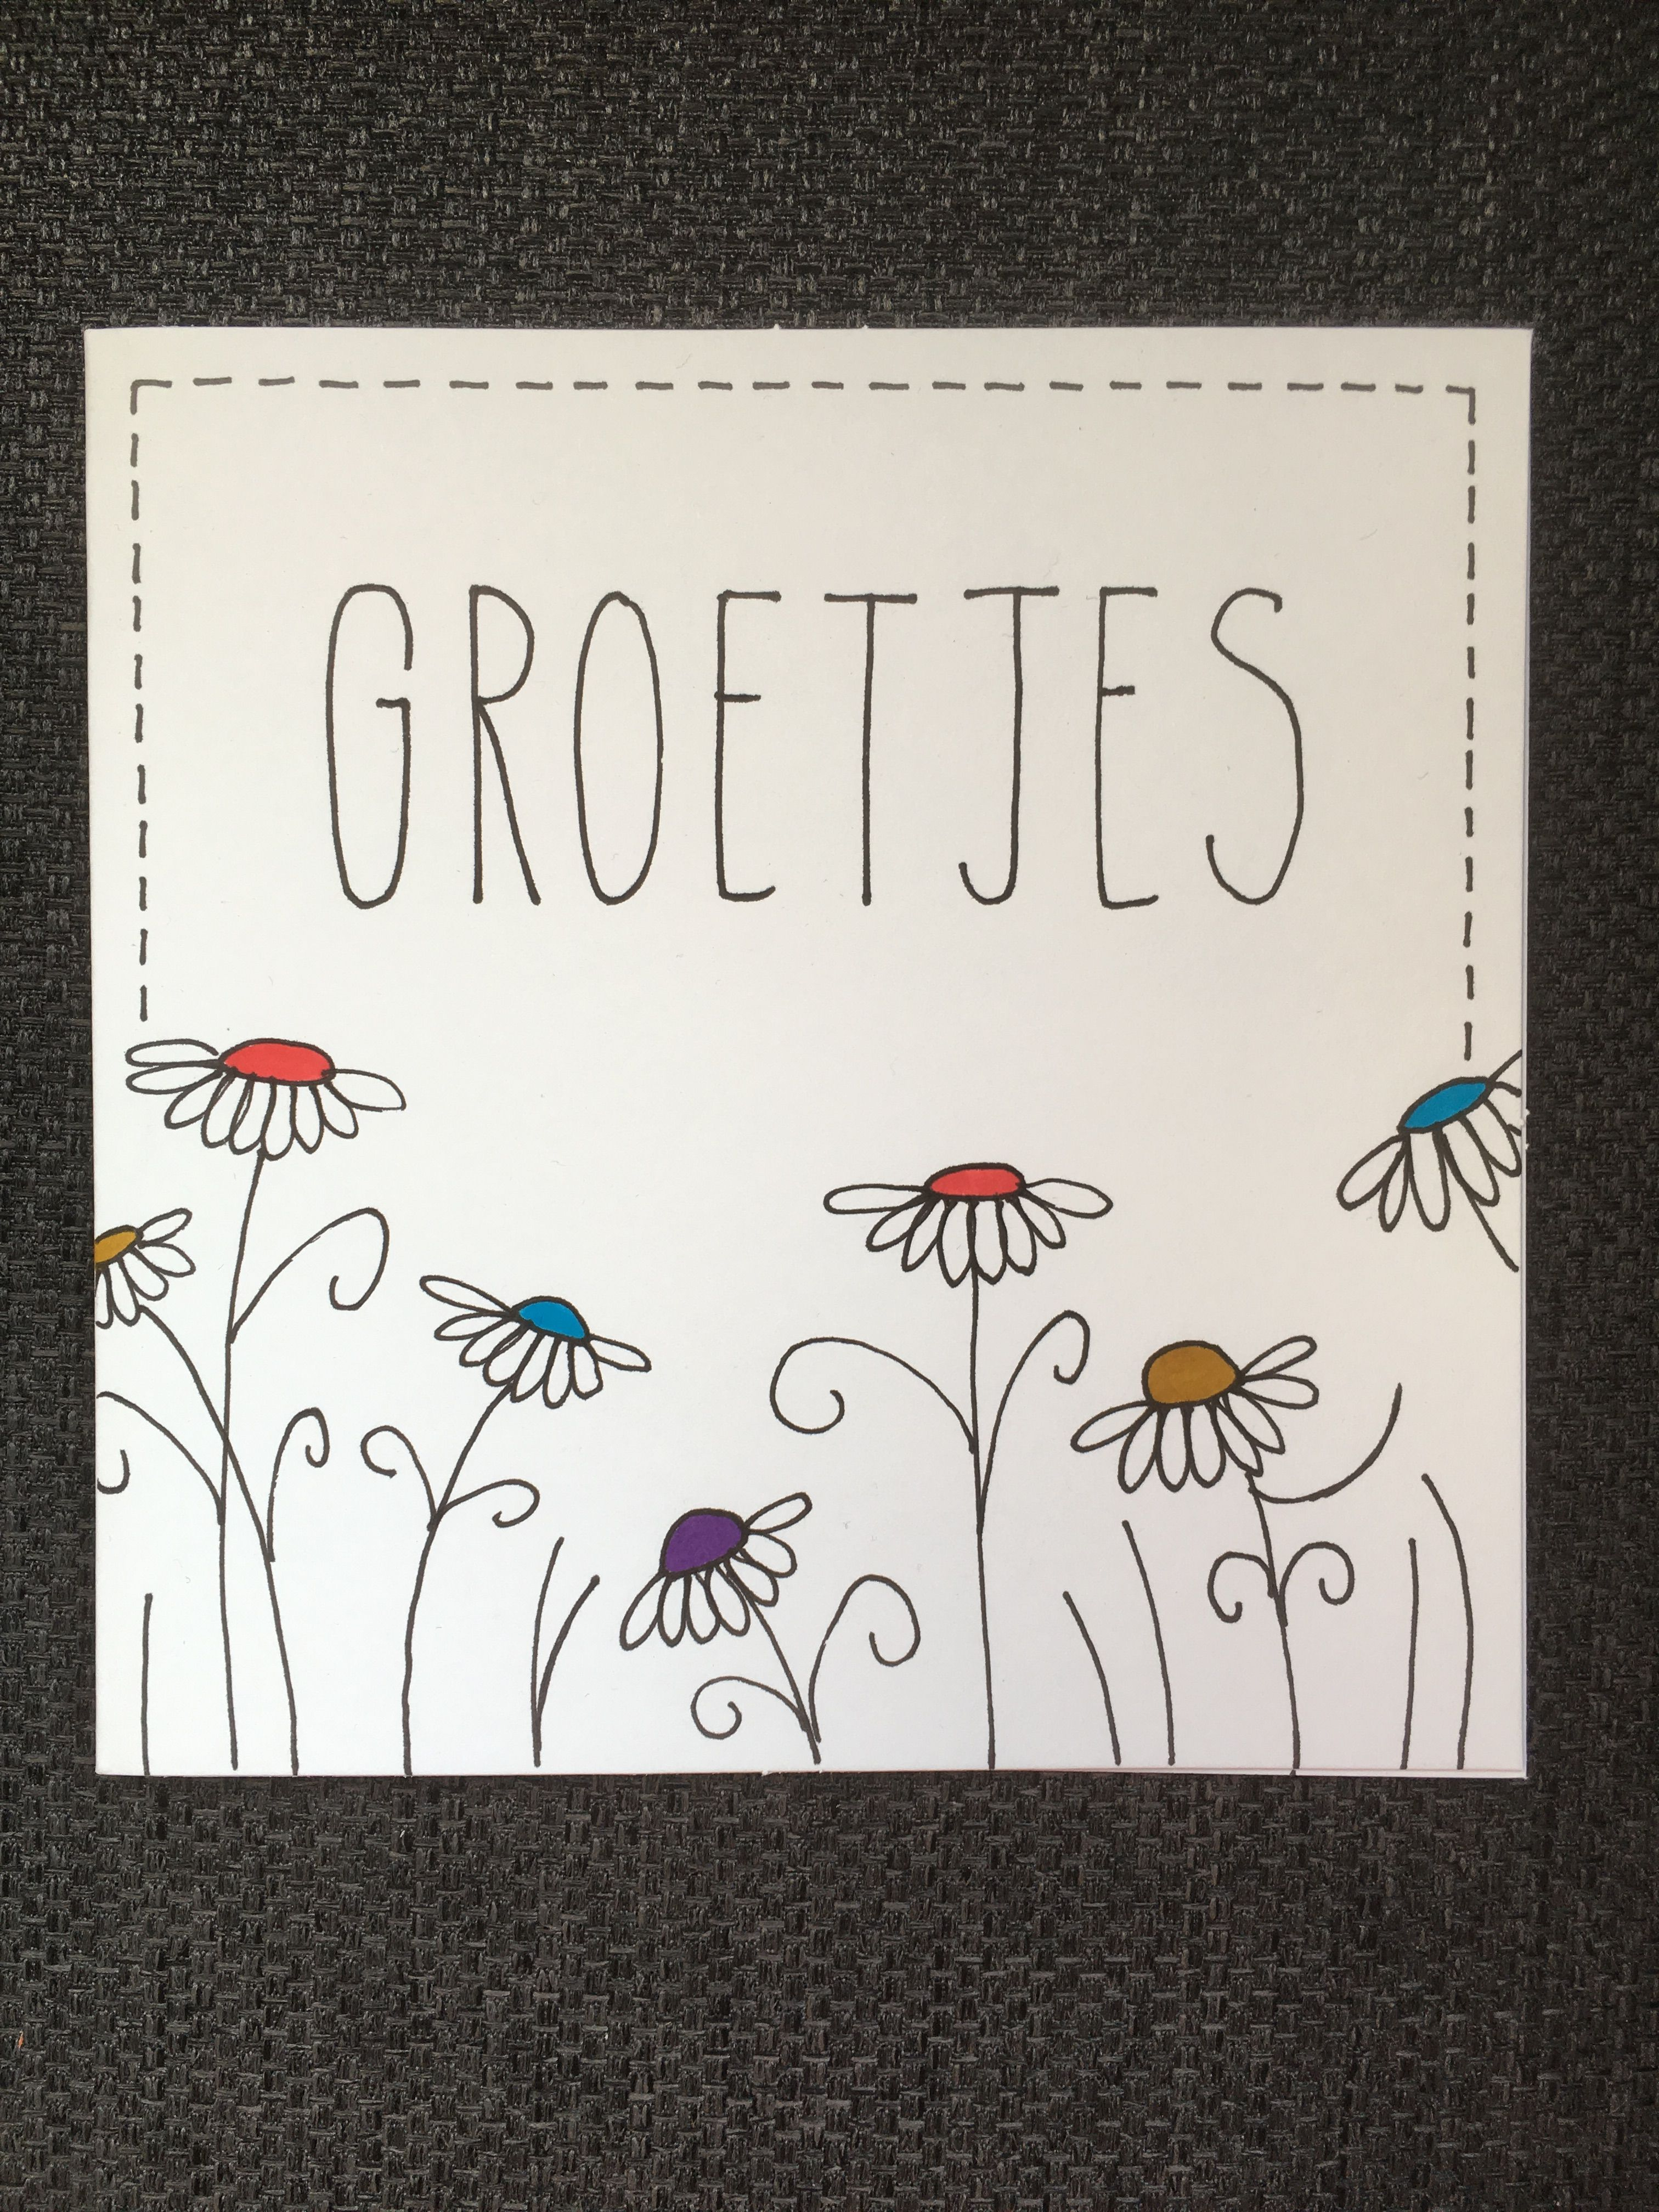 Diy Kaart Groetjes Kaart Maken Liefde Zelf Kaarten Maken Verjaardag Kaarten Maken Handletteren